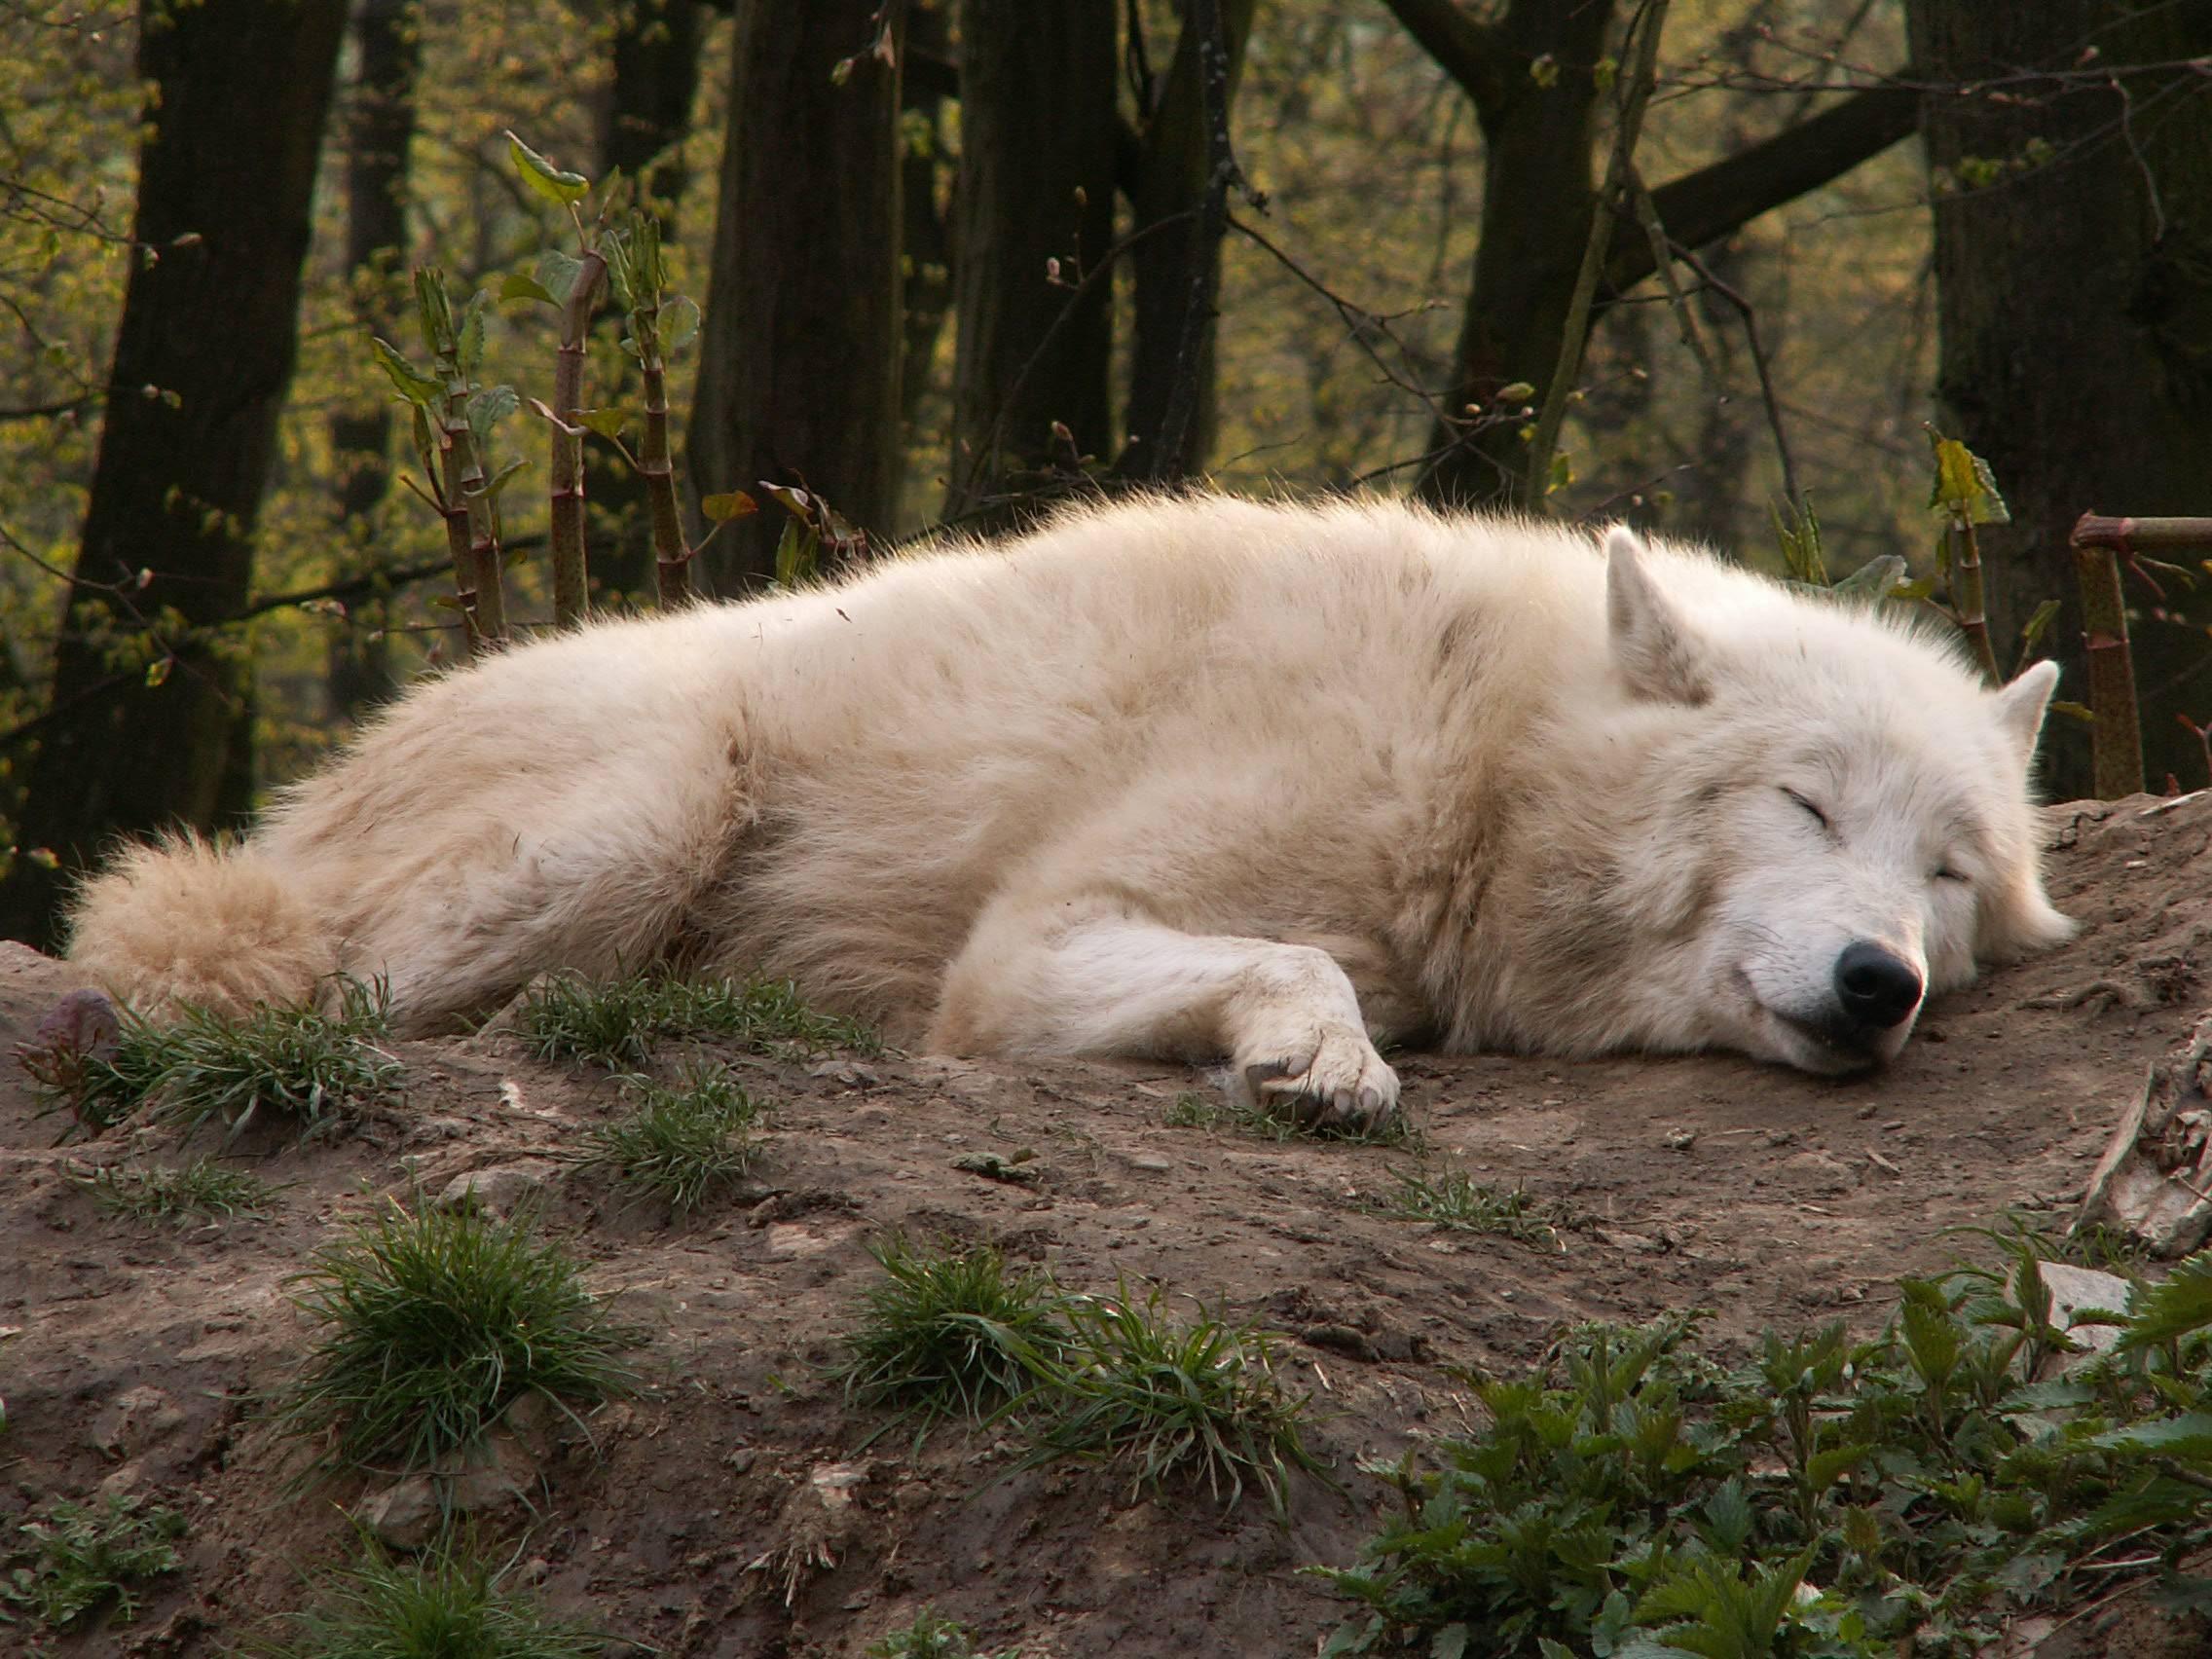 сонный волк картинки конкурс лес